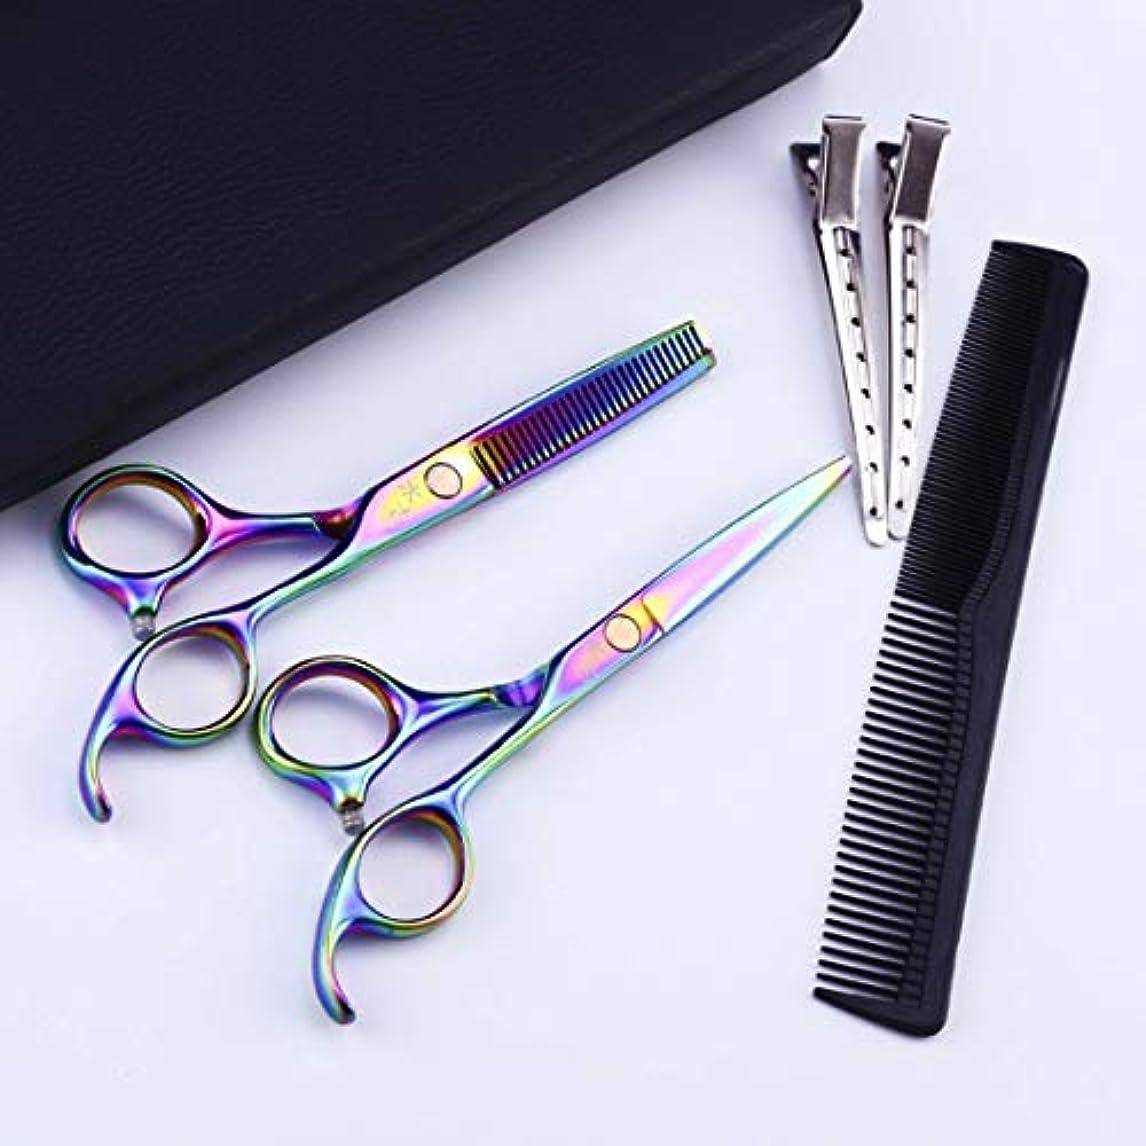 メーター不公平正確さJiaoran カラフルな理髪はさみ、5.5インチプロはさみセットフラットはさみ+歯はさみセット (Color : Colorful)